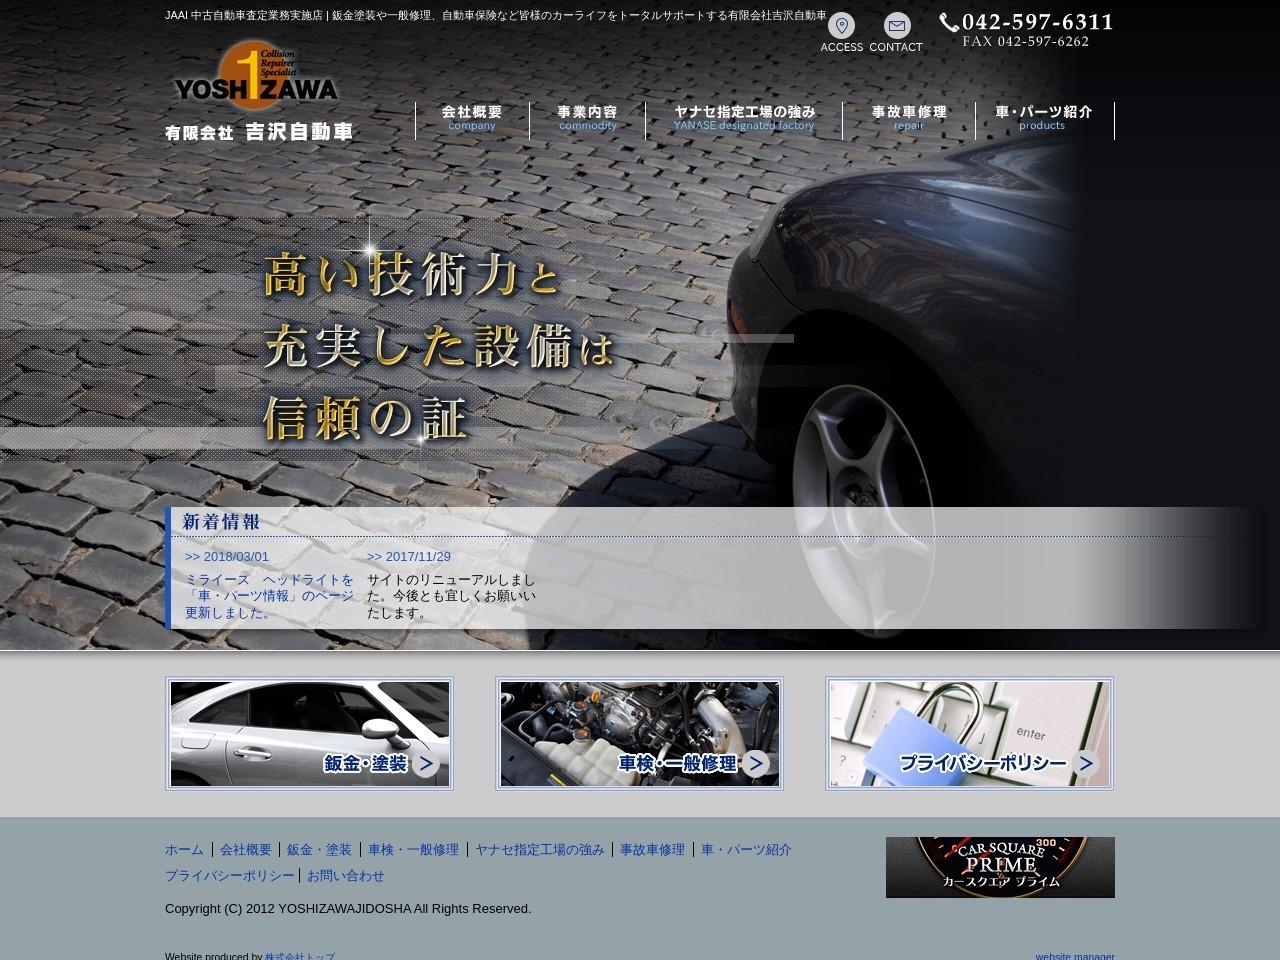 有限会社吉沢自動車